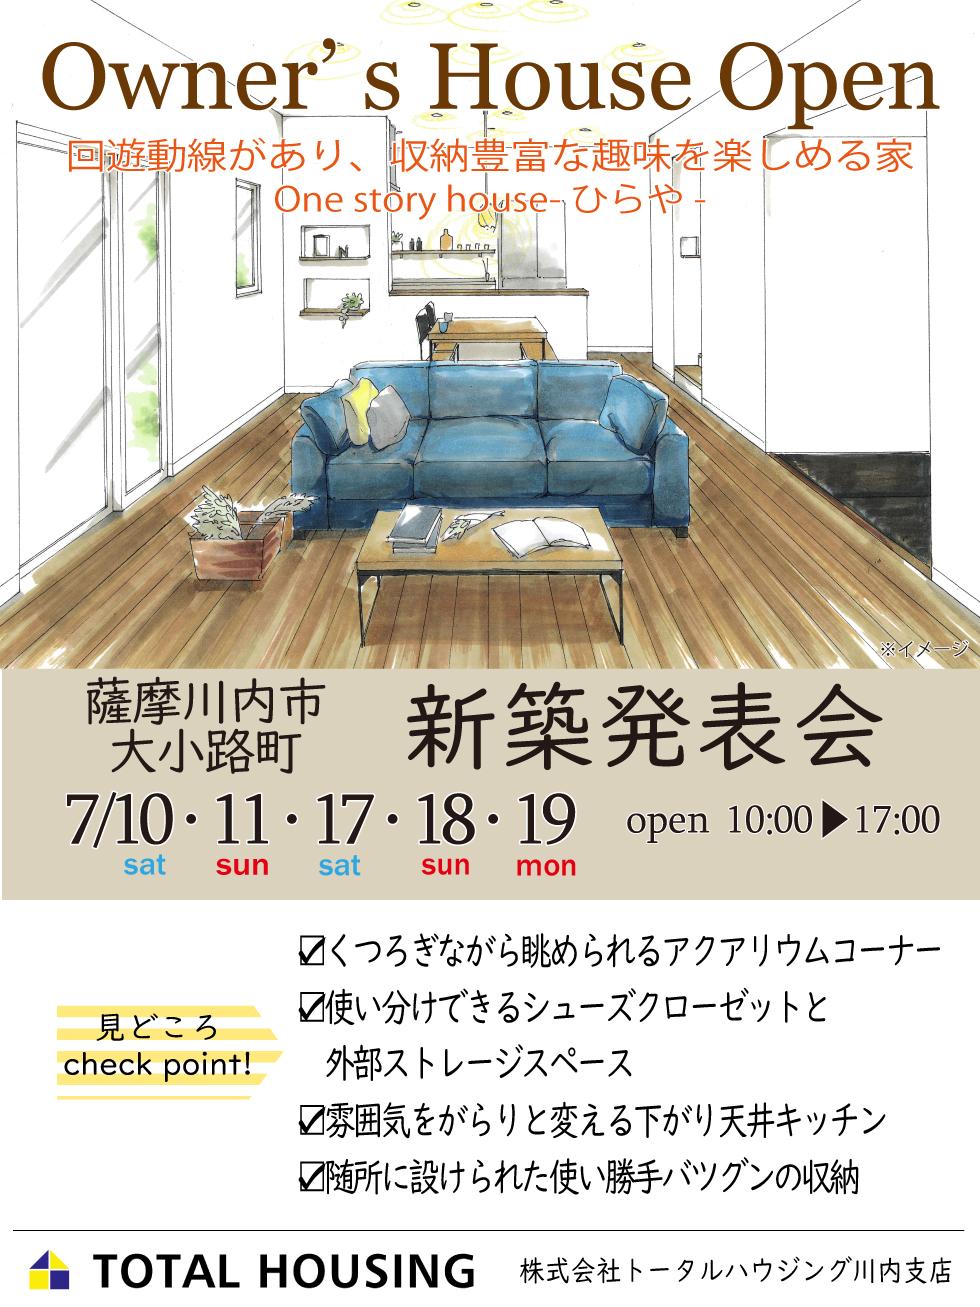 薩摩川内市大小路町で新築発表会 回遊動線があり、収納豊富な趣味を楽しめる家   トータルハウジング